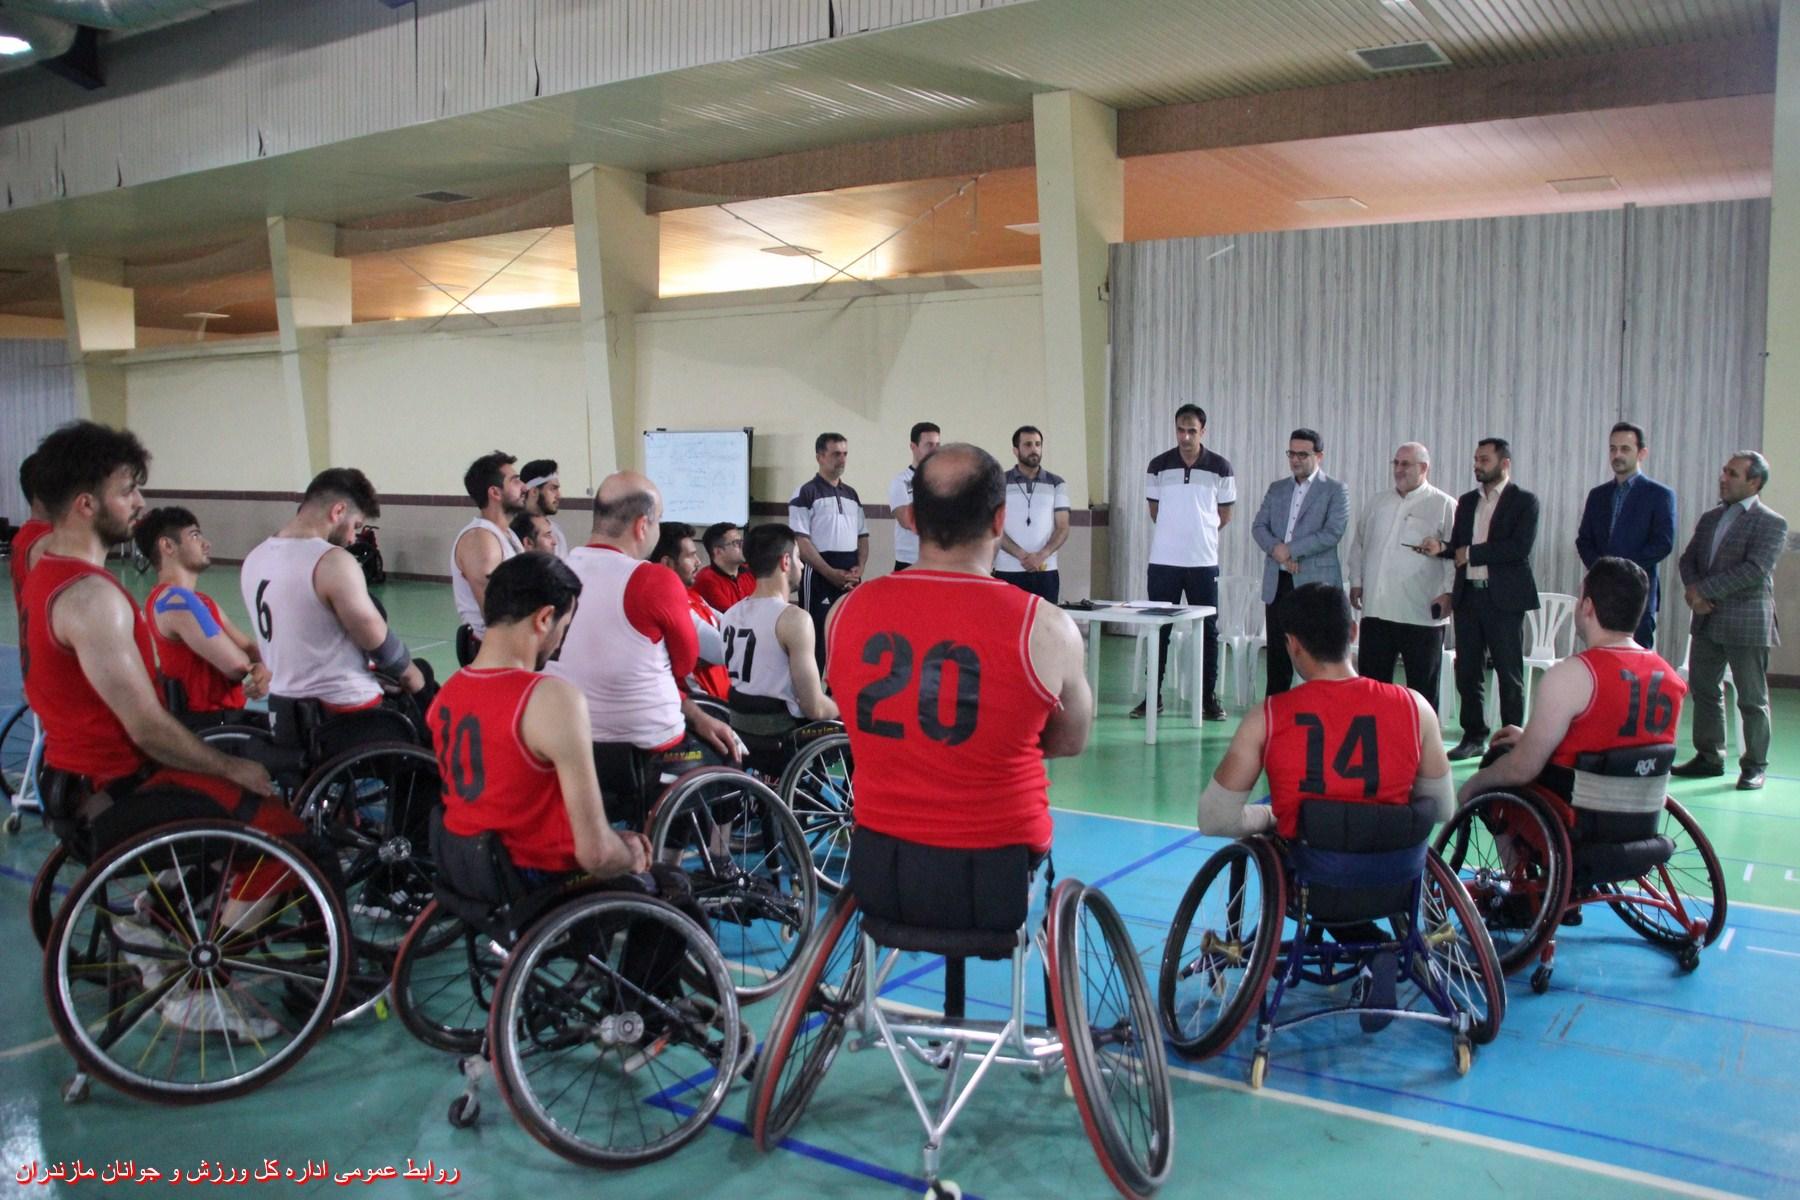 برگزاری اردوی تیمهای ملی بسکتبال با ویلچر و وزنهبرداری جانبازان و معلولین در ساری